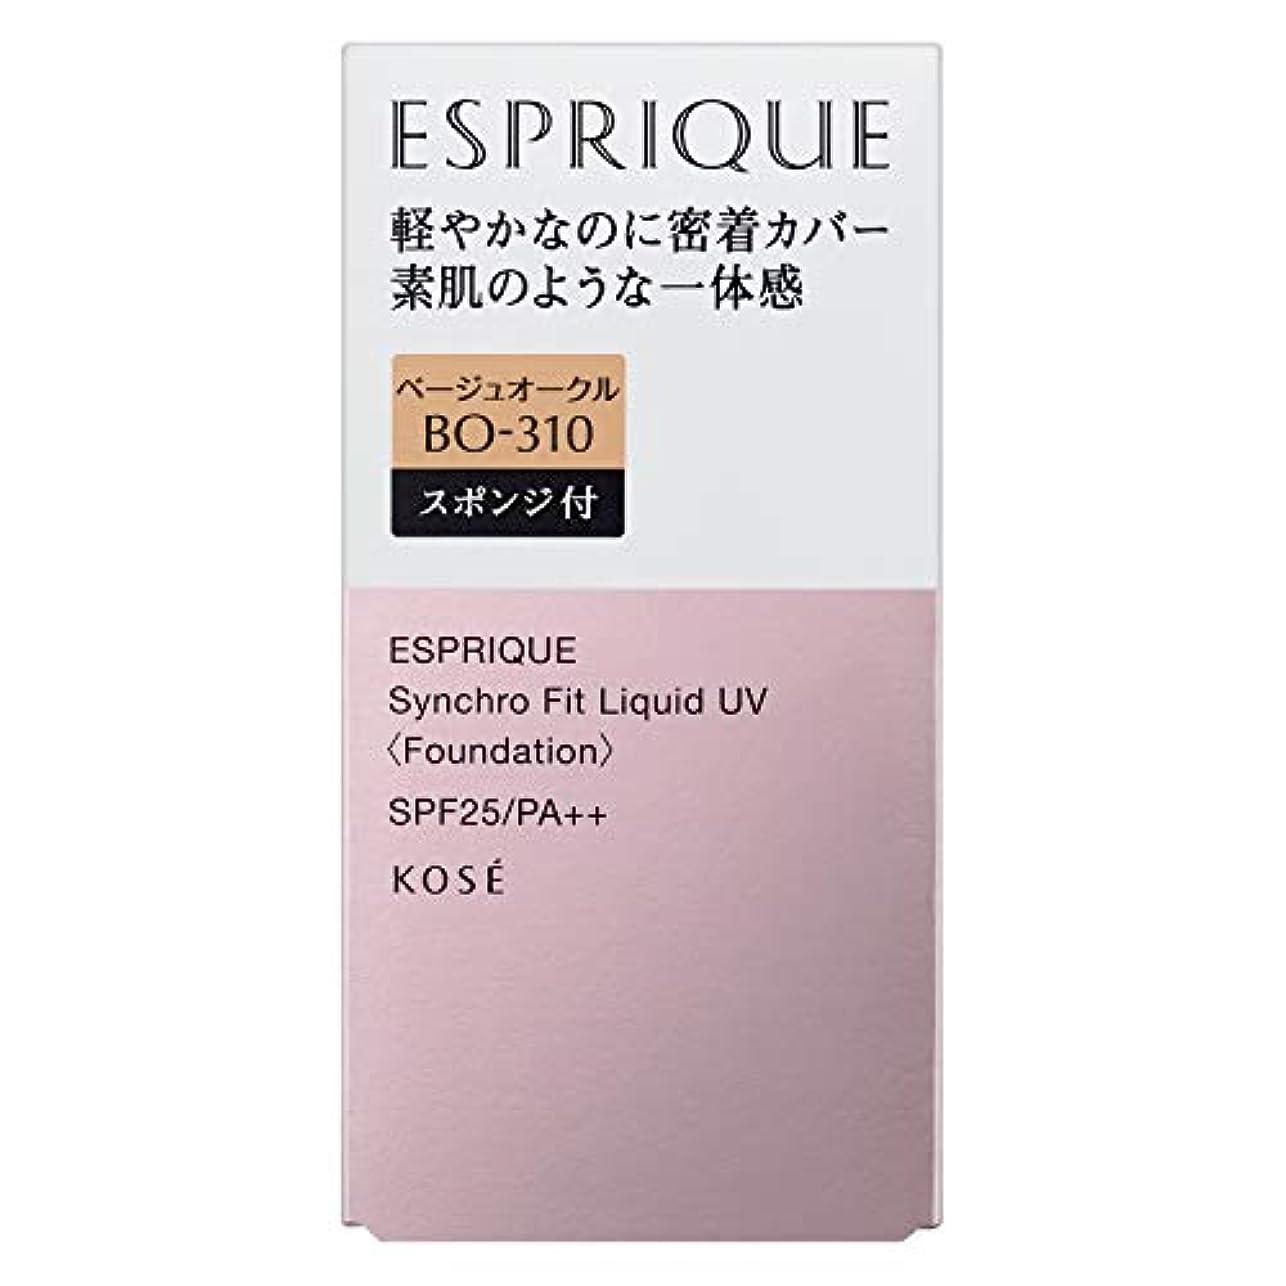 スタジオ発行するさておきESPRIQUE(エスプリーク) エスプリーク シンクロフィット リキッド UV ファンデーション 無香料 BO-310 ベージュオークル 30g